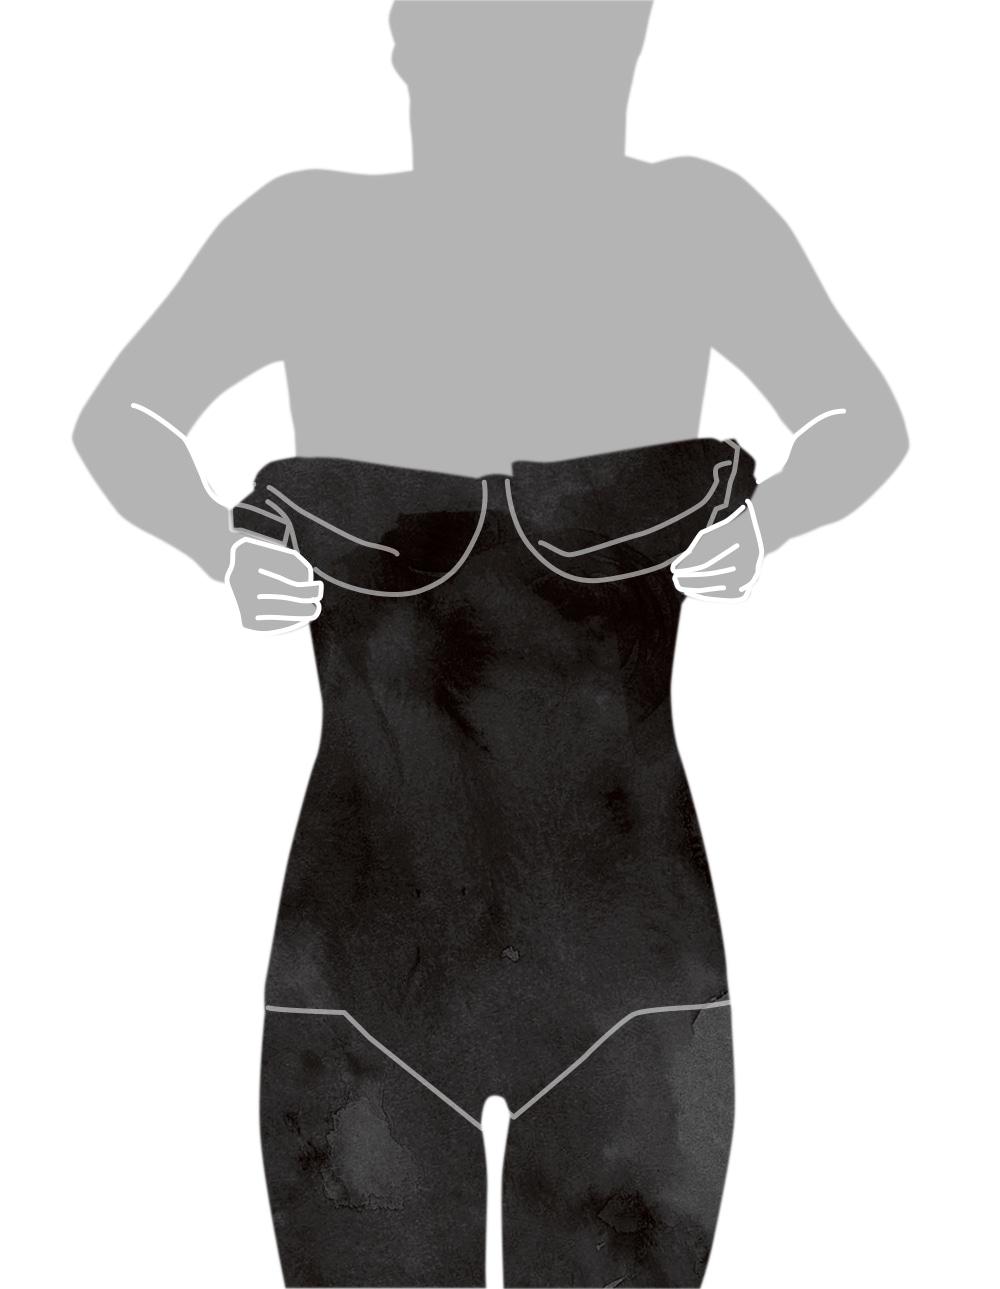 ボディスーツの着用方法-2